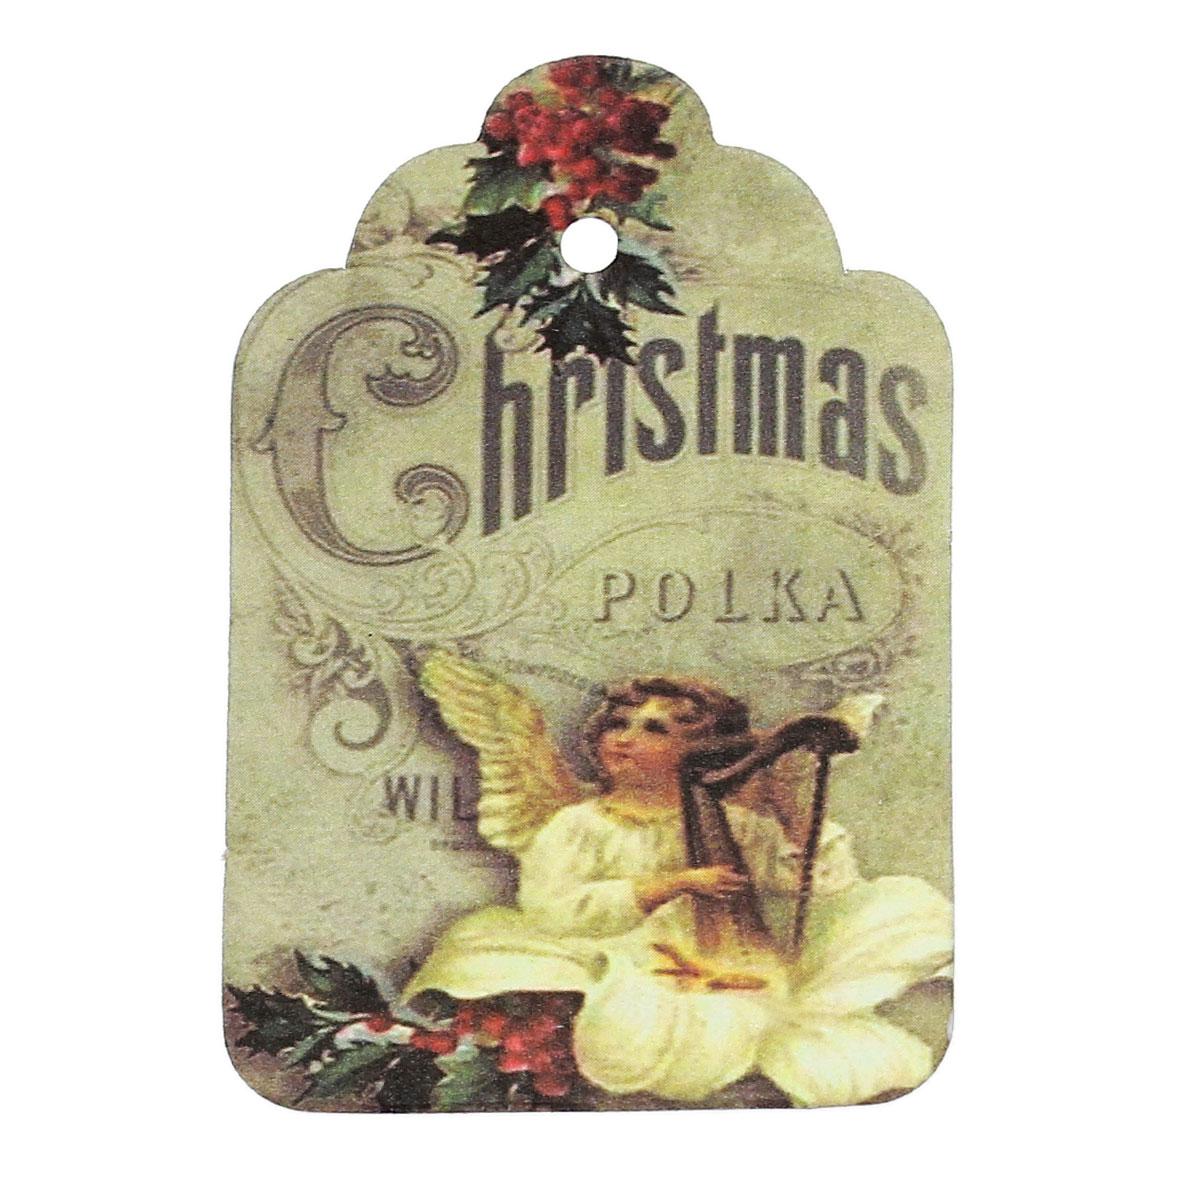 """DoreenBeads Paper Price Marking Labels Multicolor Angel Christmas Pattern 60mm(<font><b>2</b></font> 3/8"""")<font><b>x</b></font> 40mm(<font><b>1</b></font> 5/8""""),50 Sheets"""